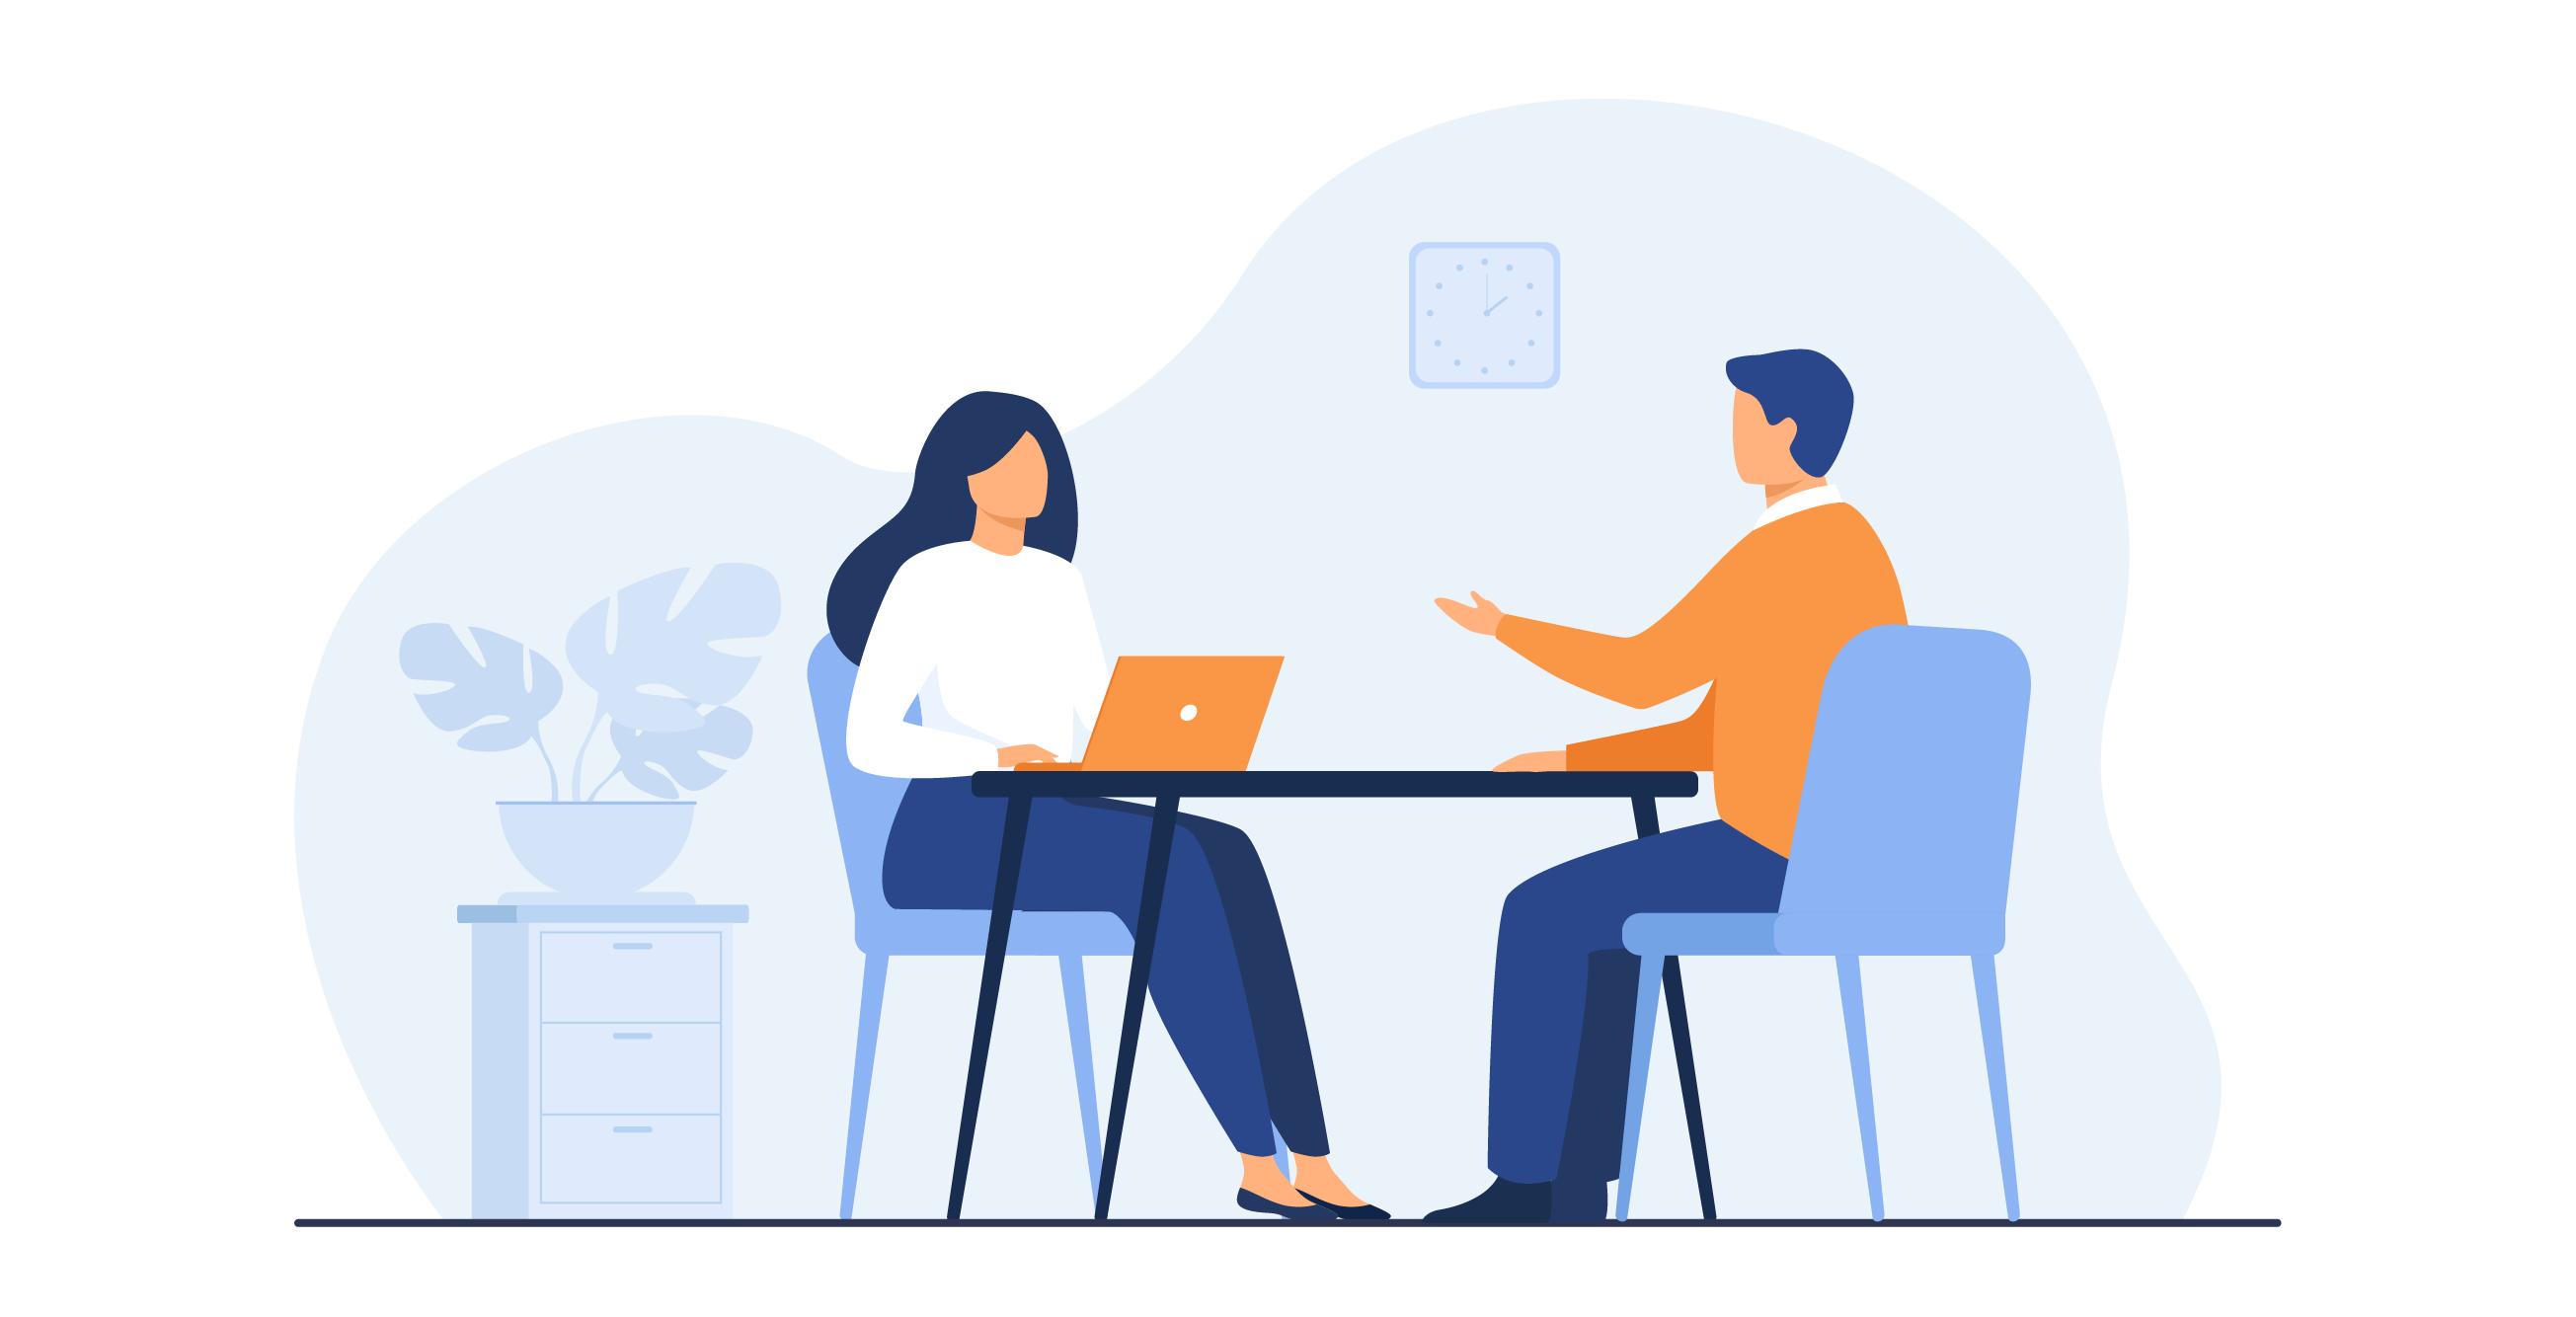 Artigo Antes de demitir, converse